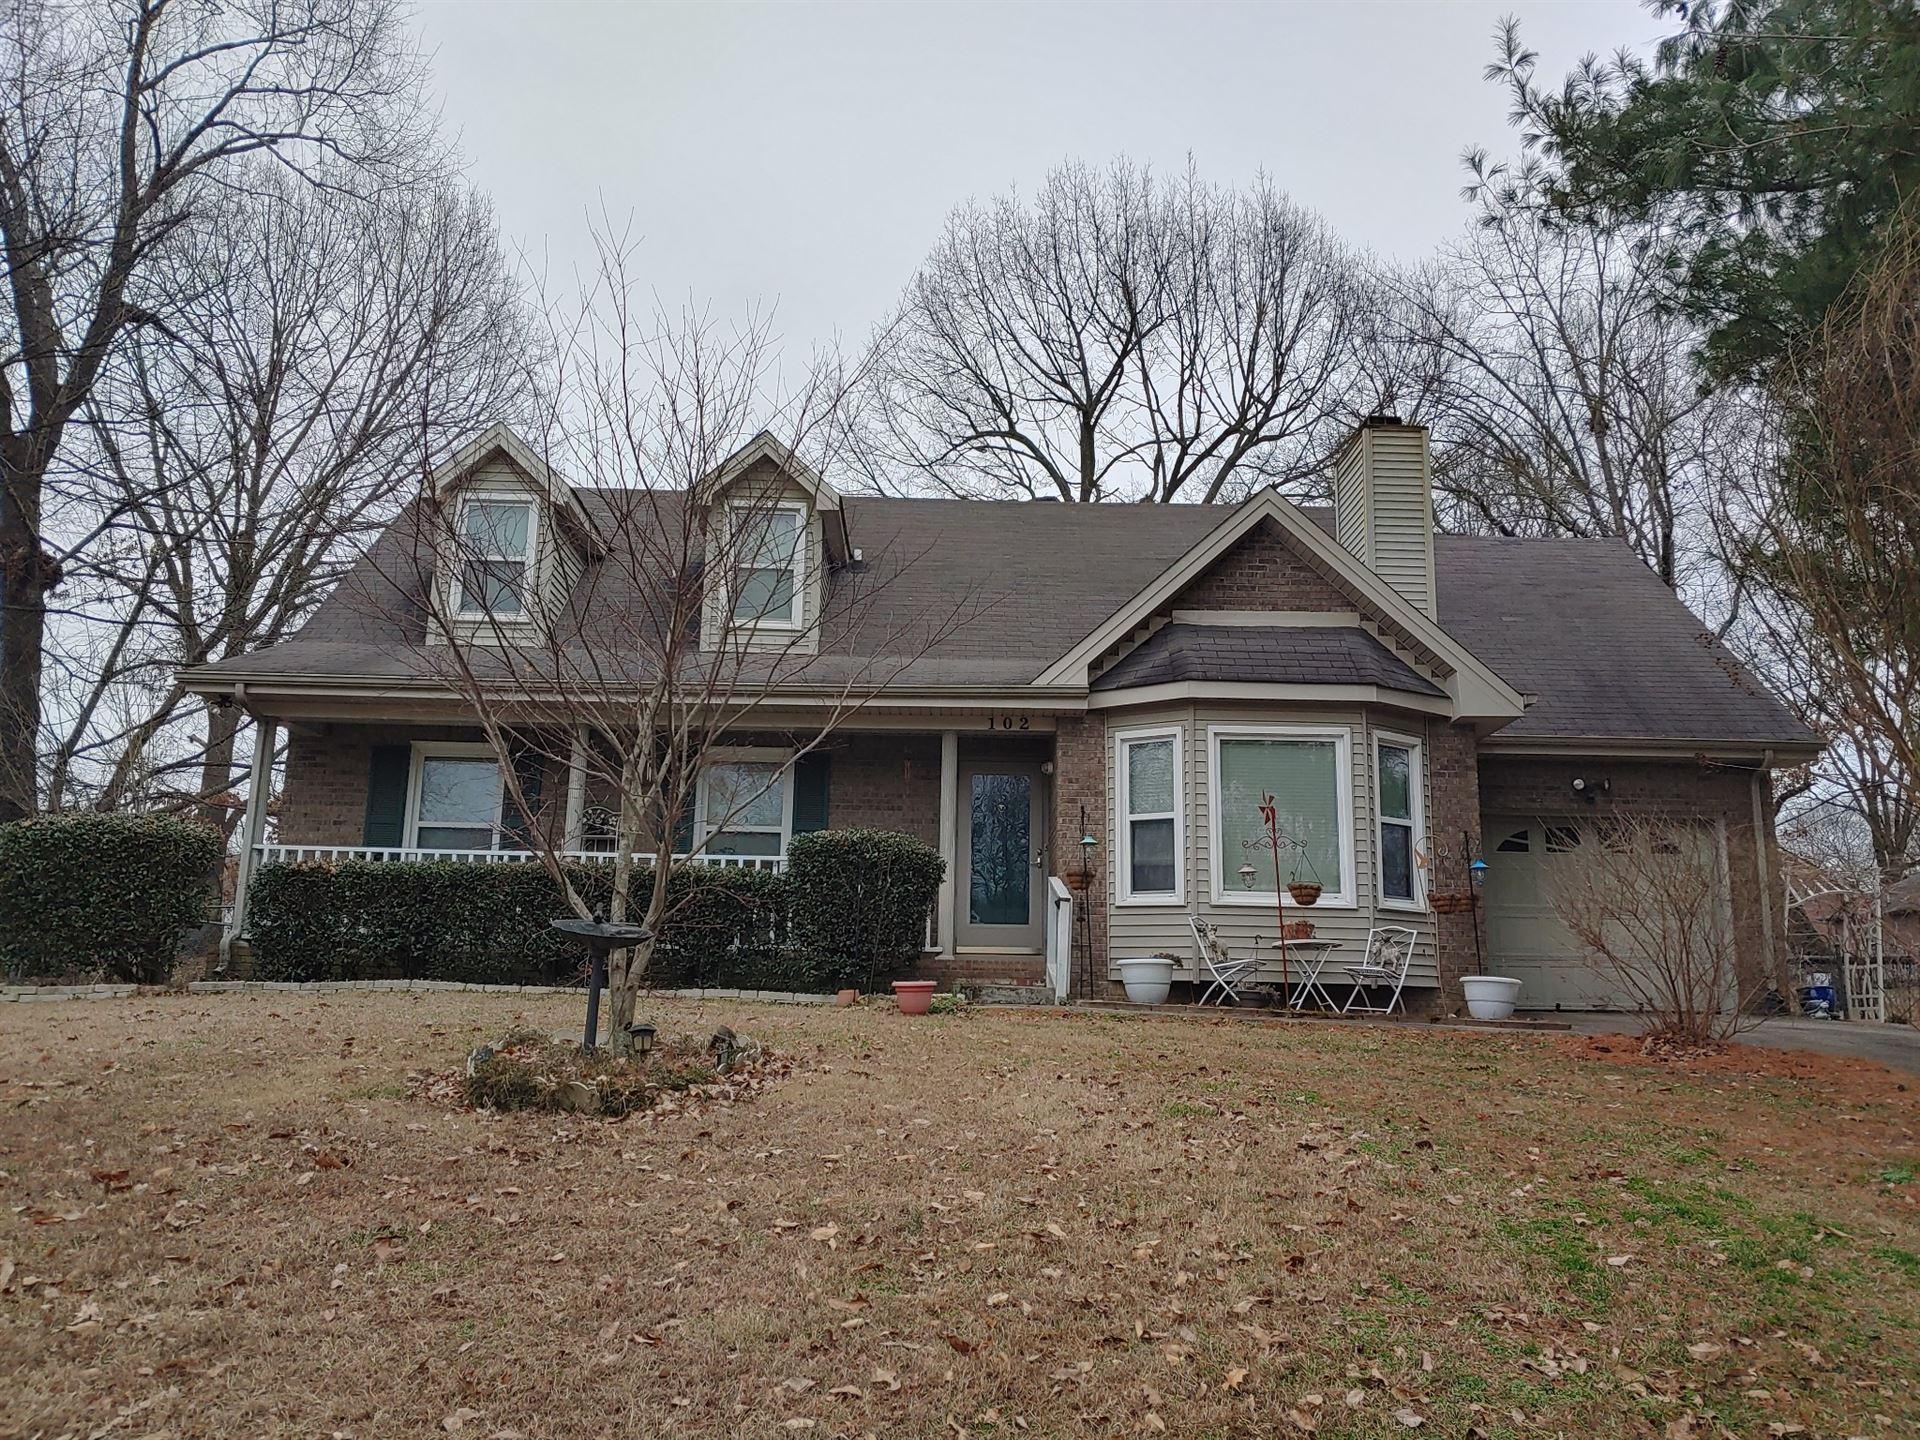 102 Deepwood Ct, Clarksville, TN 37042 - MLS#: 2219456